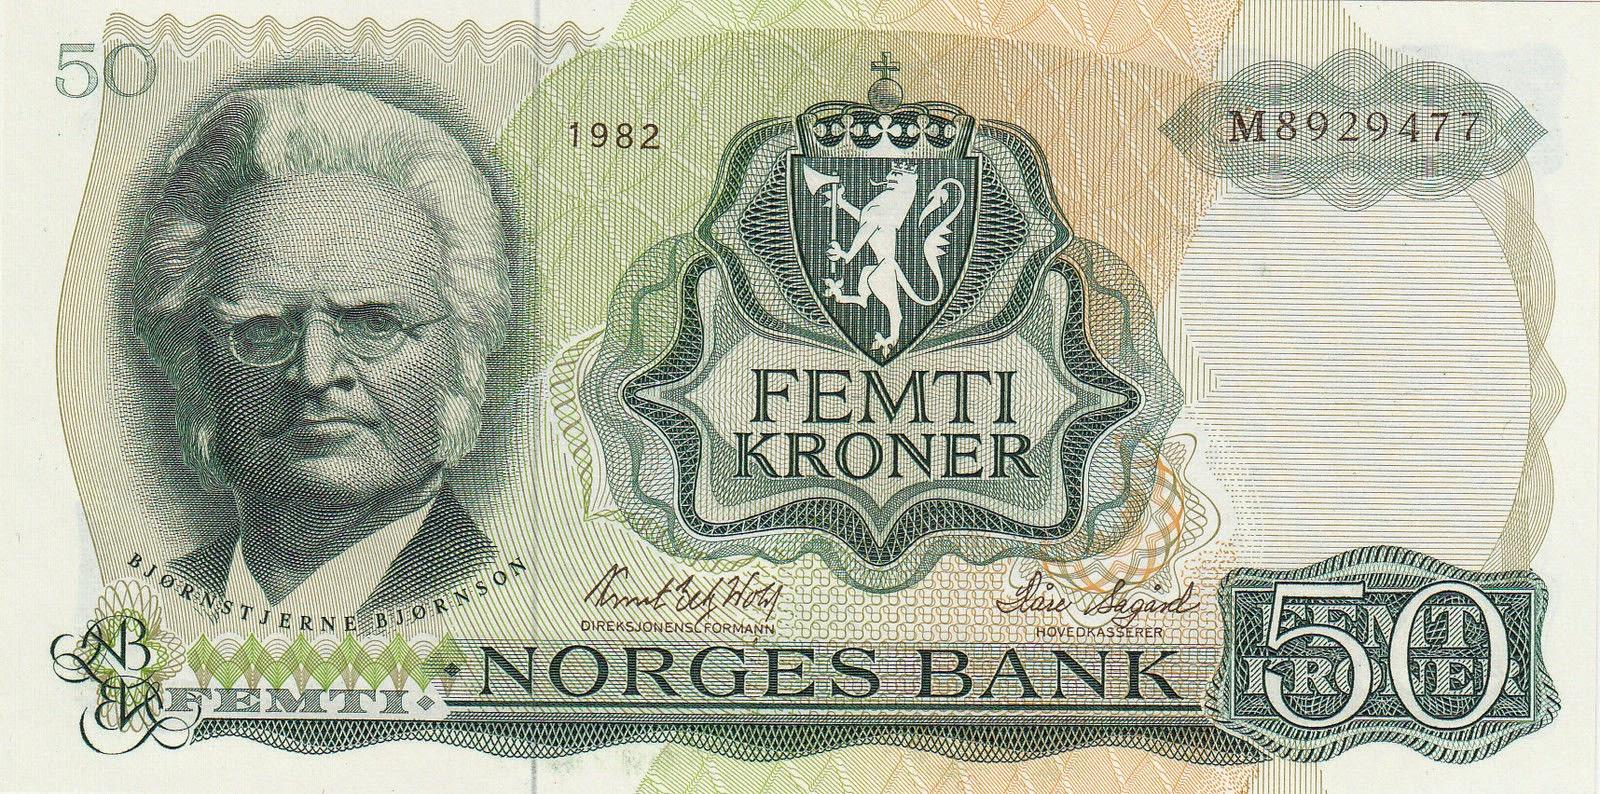 Norway Banknotes 50 Kroner banknote 1982